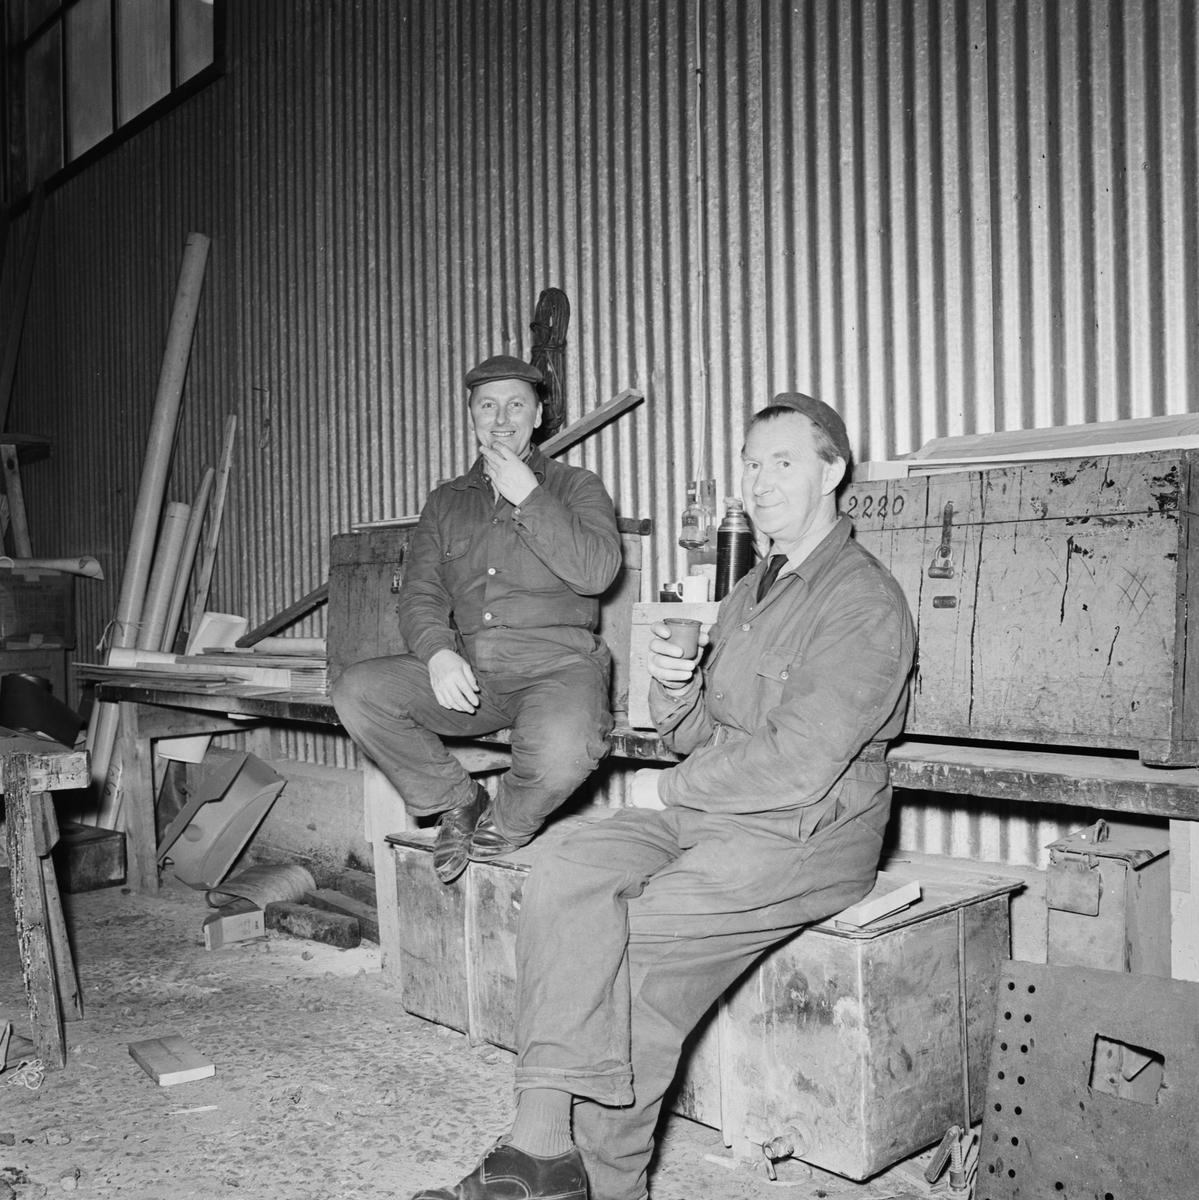 Övrigt: Foto datum: 29/12 1965 Byggnader och kranar Provelement